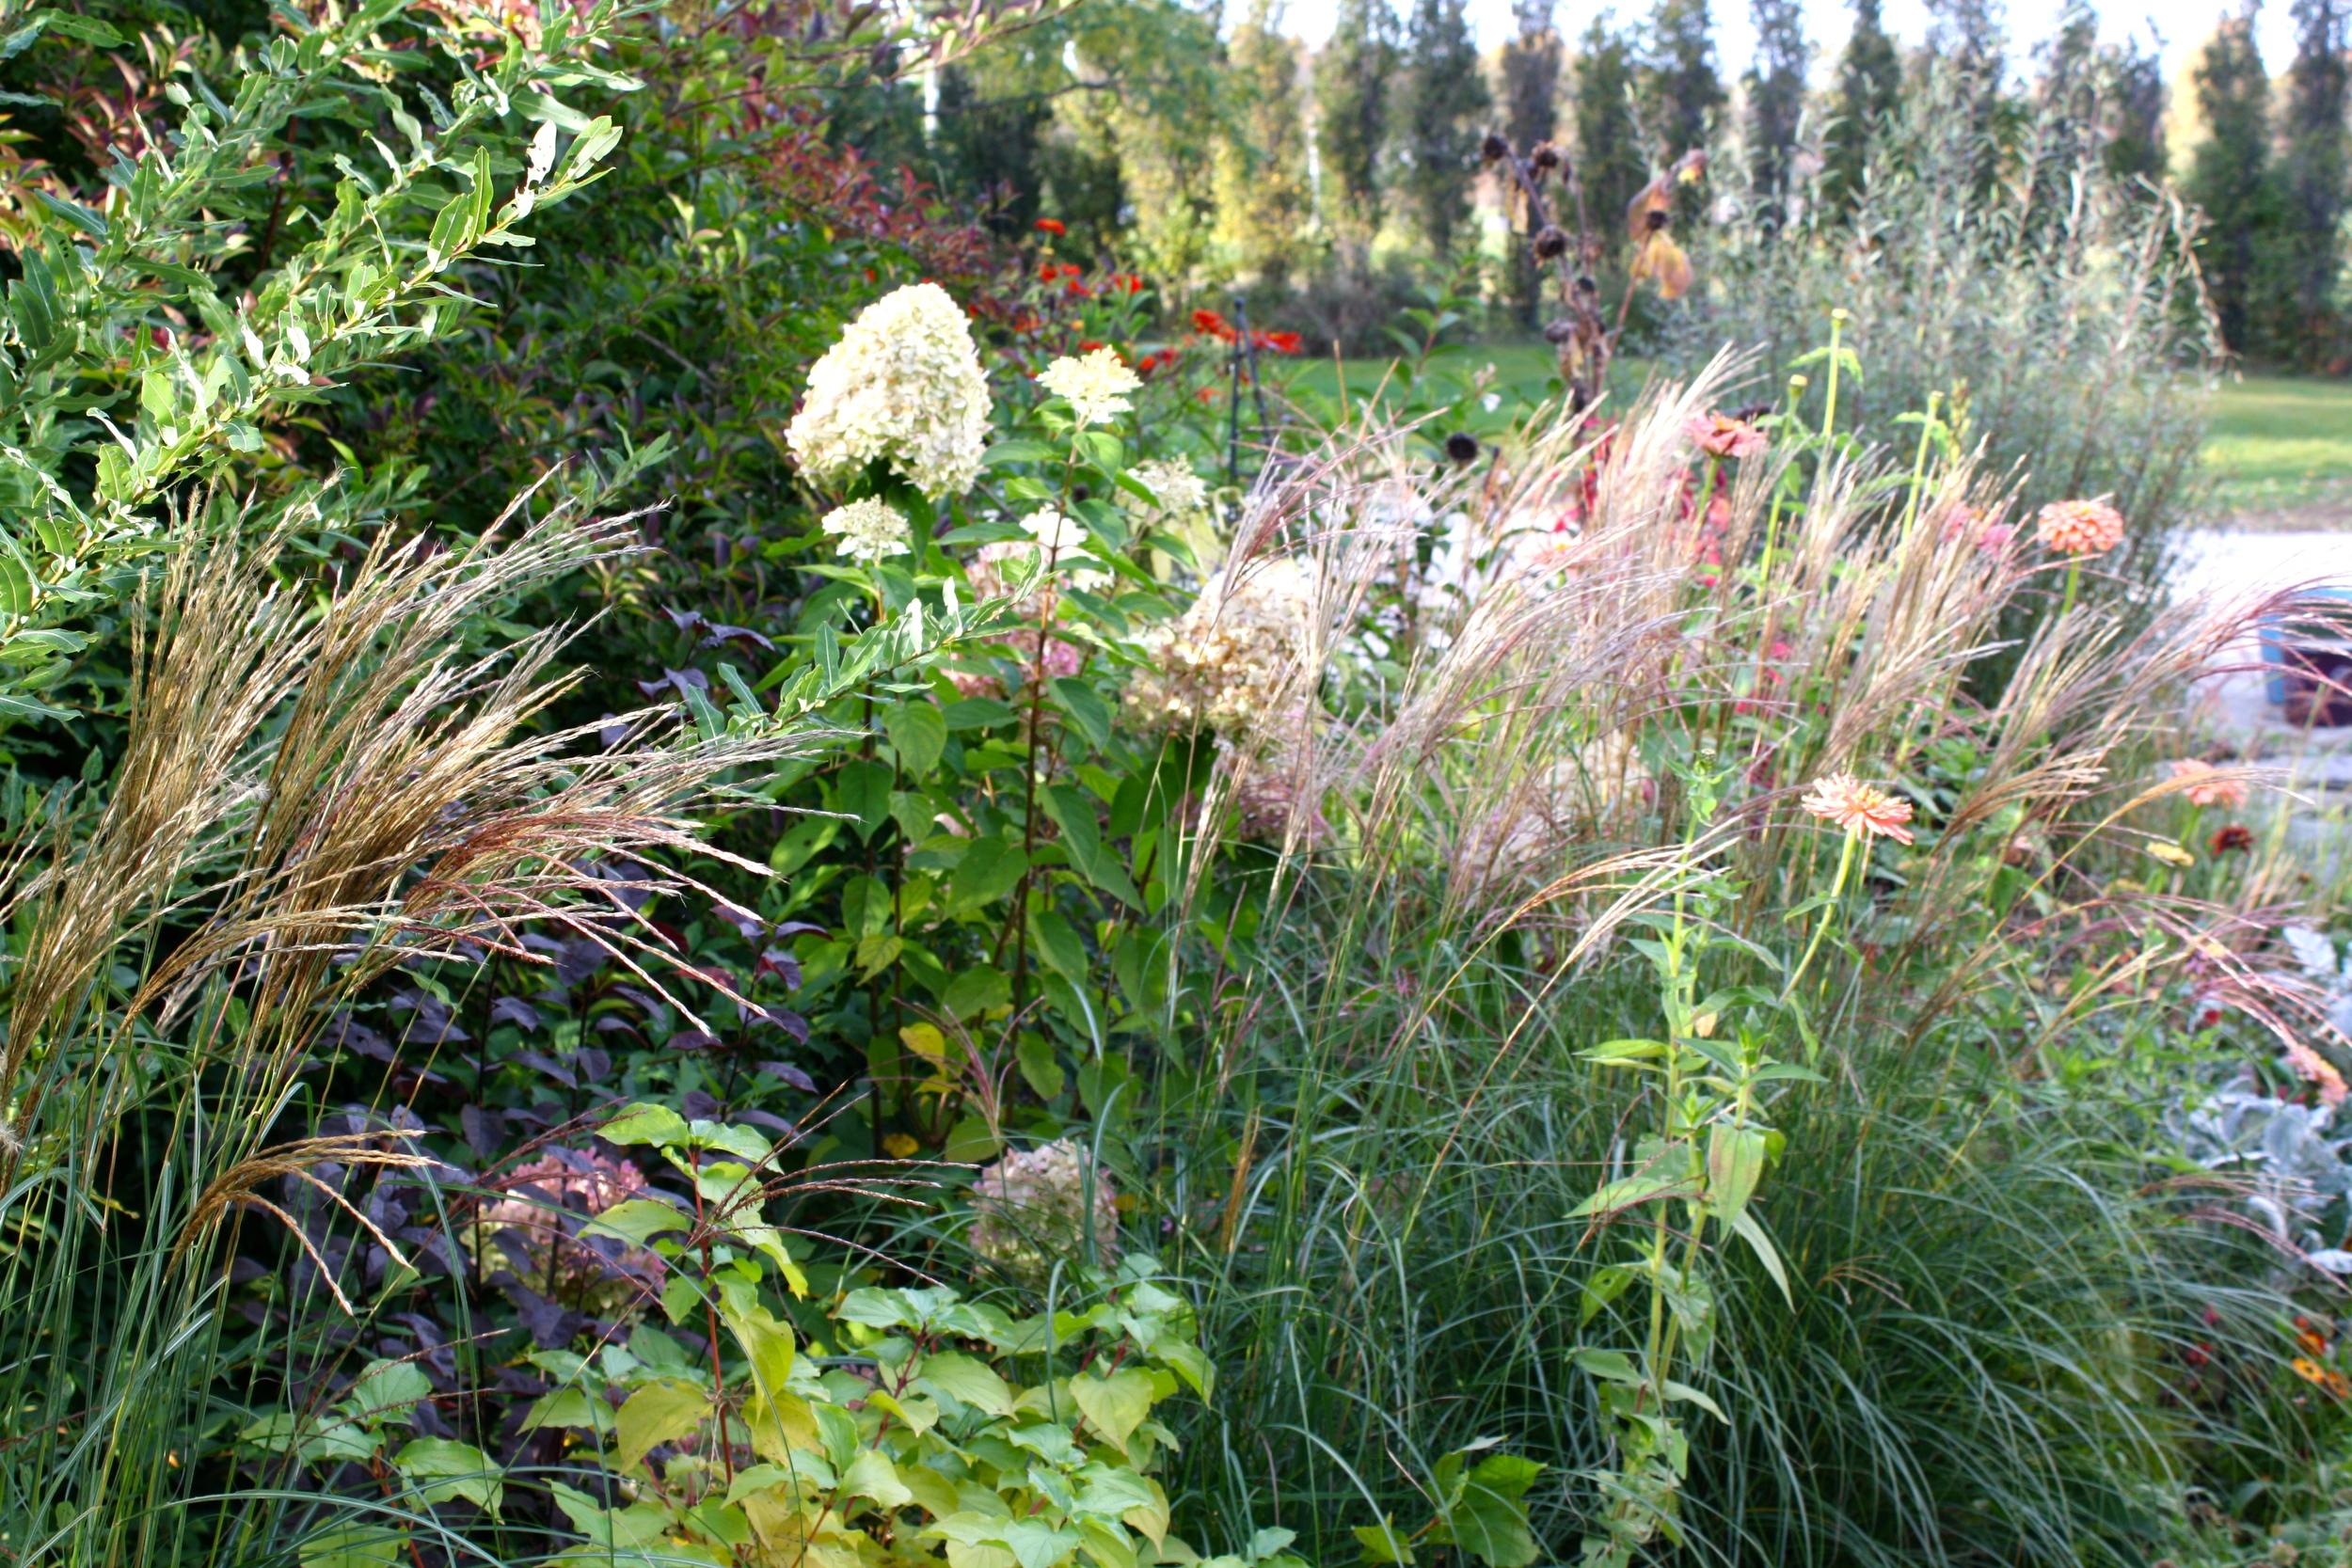 Miscanthus 'Adagio' blooming